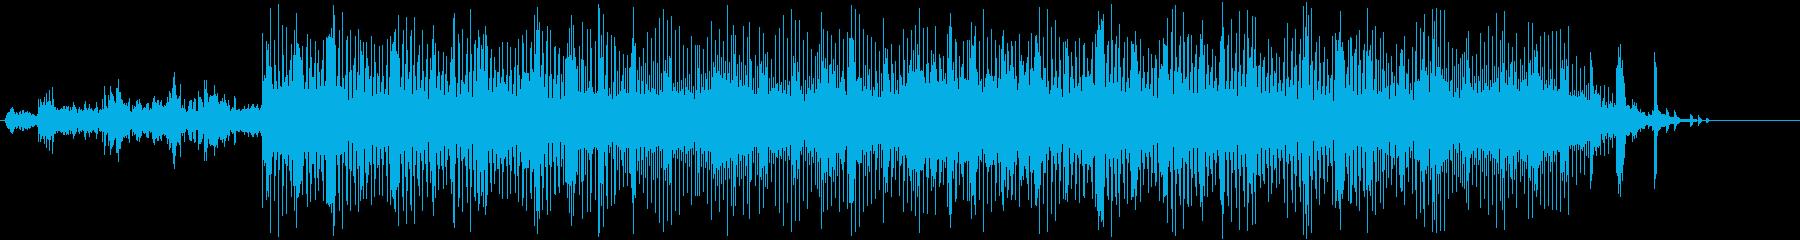 近未来的なテクスチャー楽曲(ピアノあり)の再生済みの波形